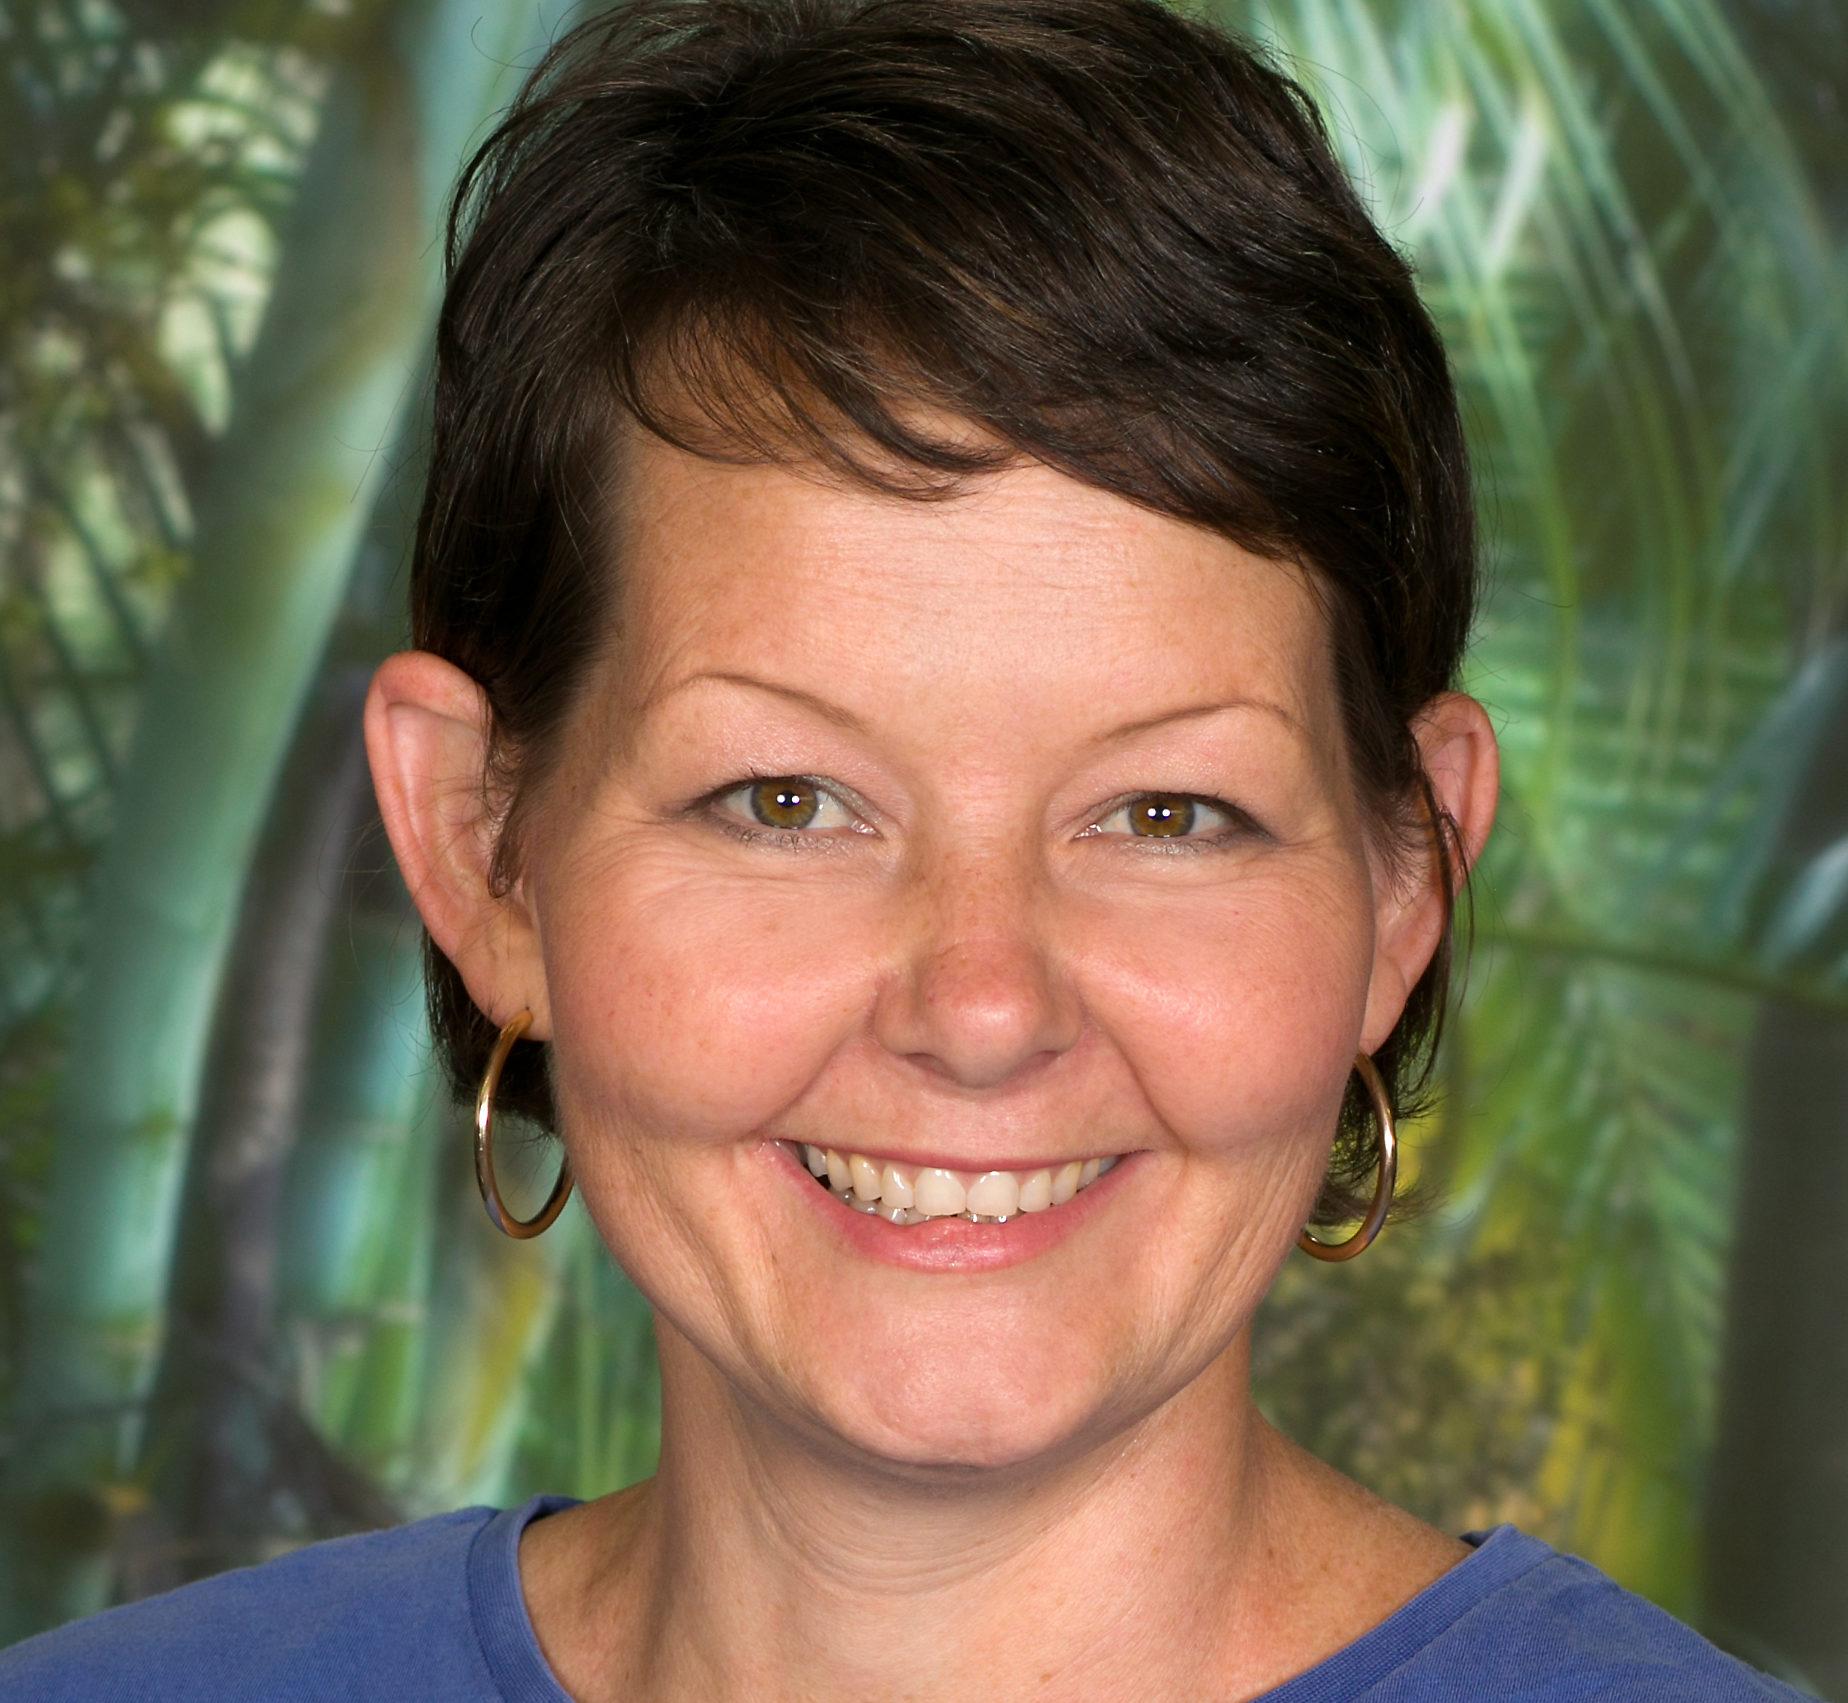 Sarah-Jean Charlton